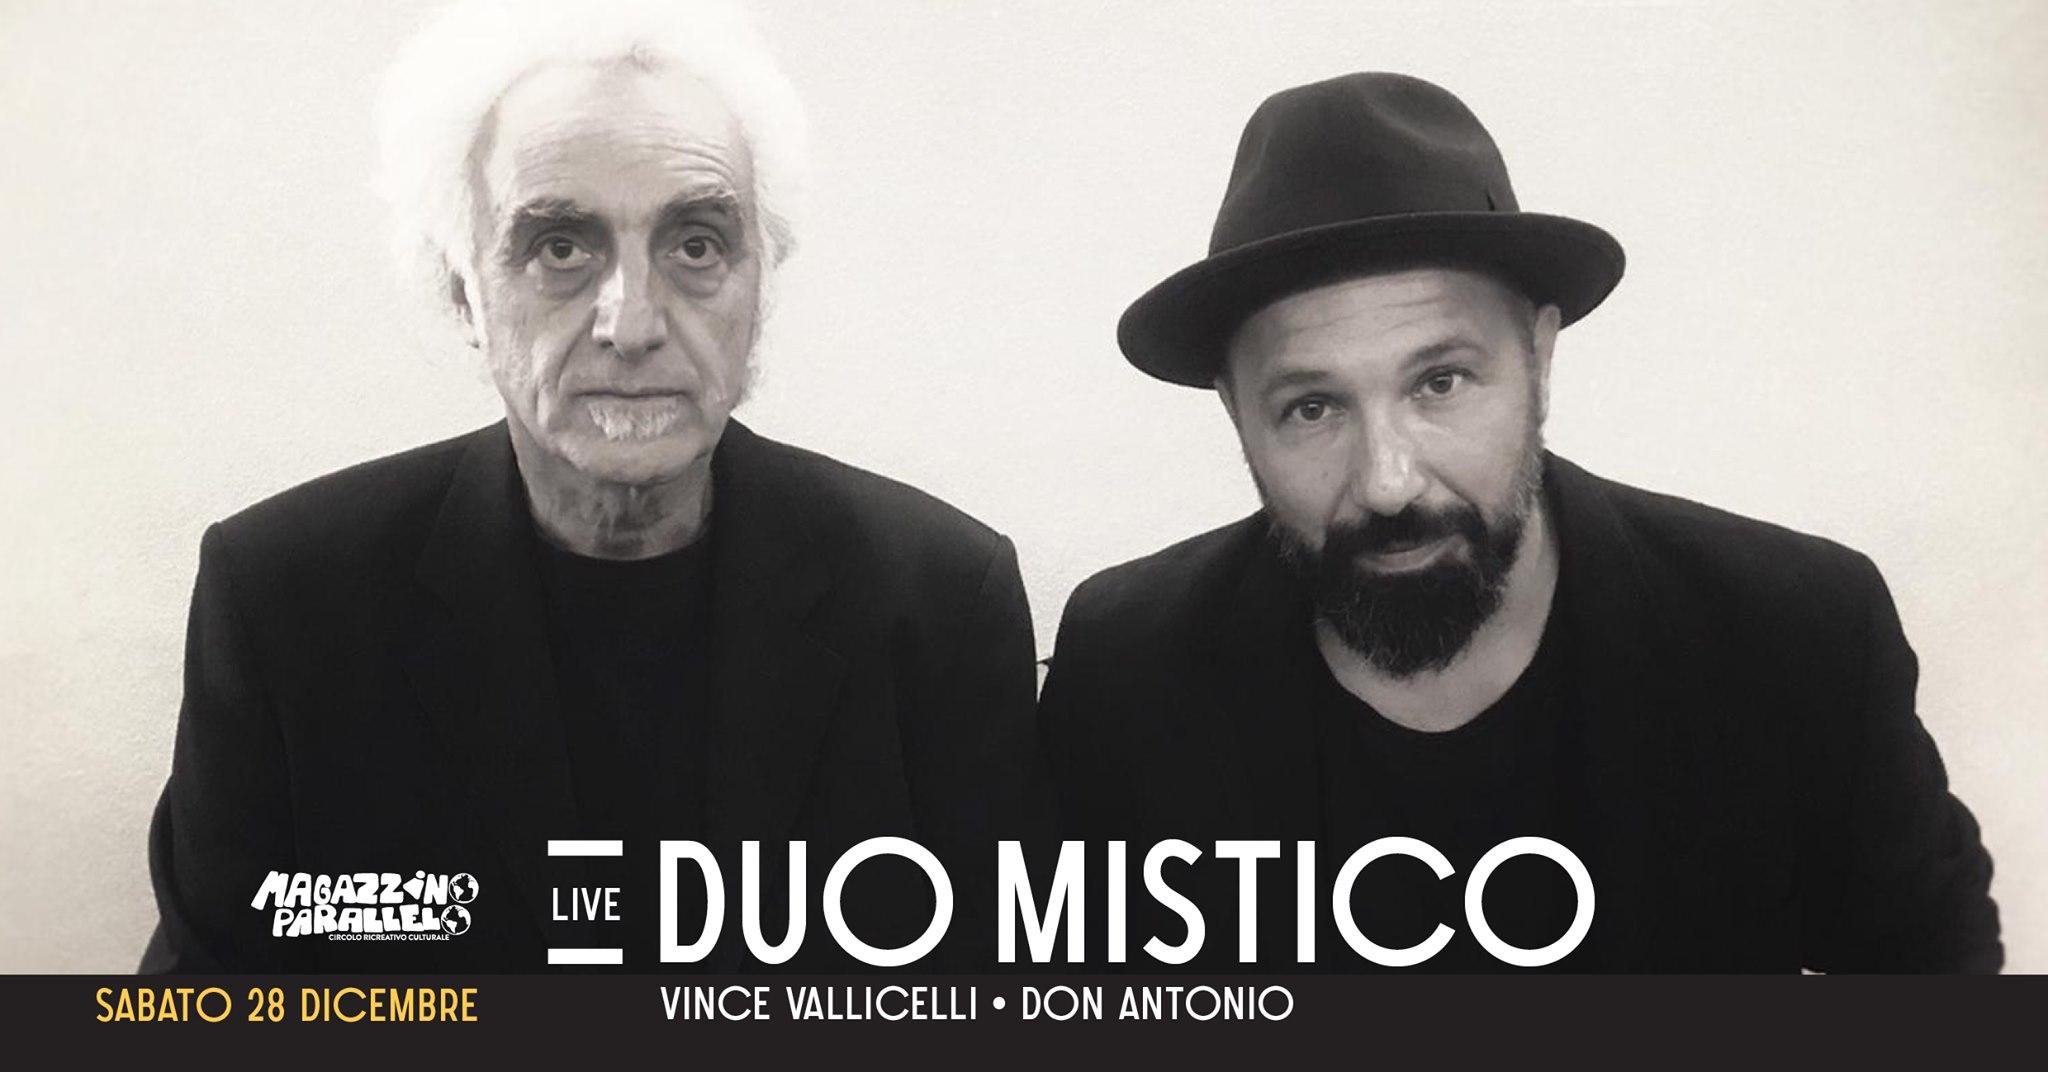 Duo Mistico: Don y Vince // at Magazzino Parallelo